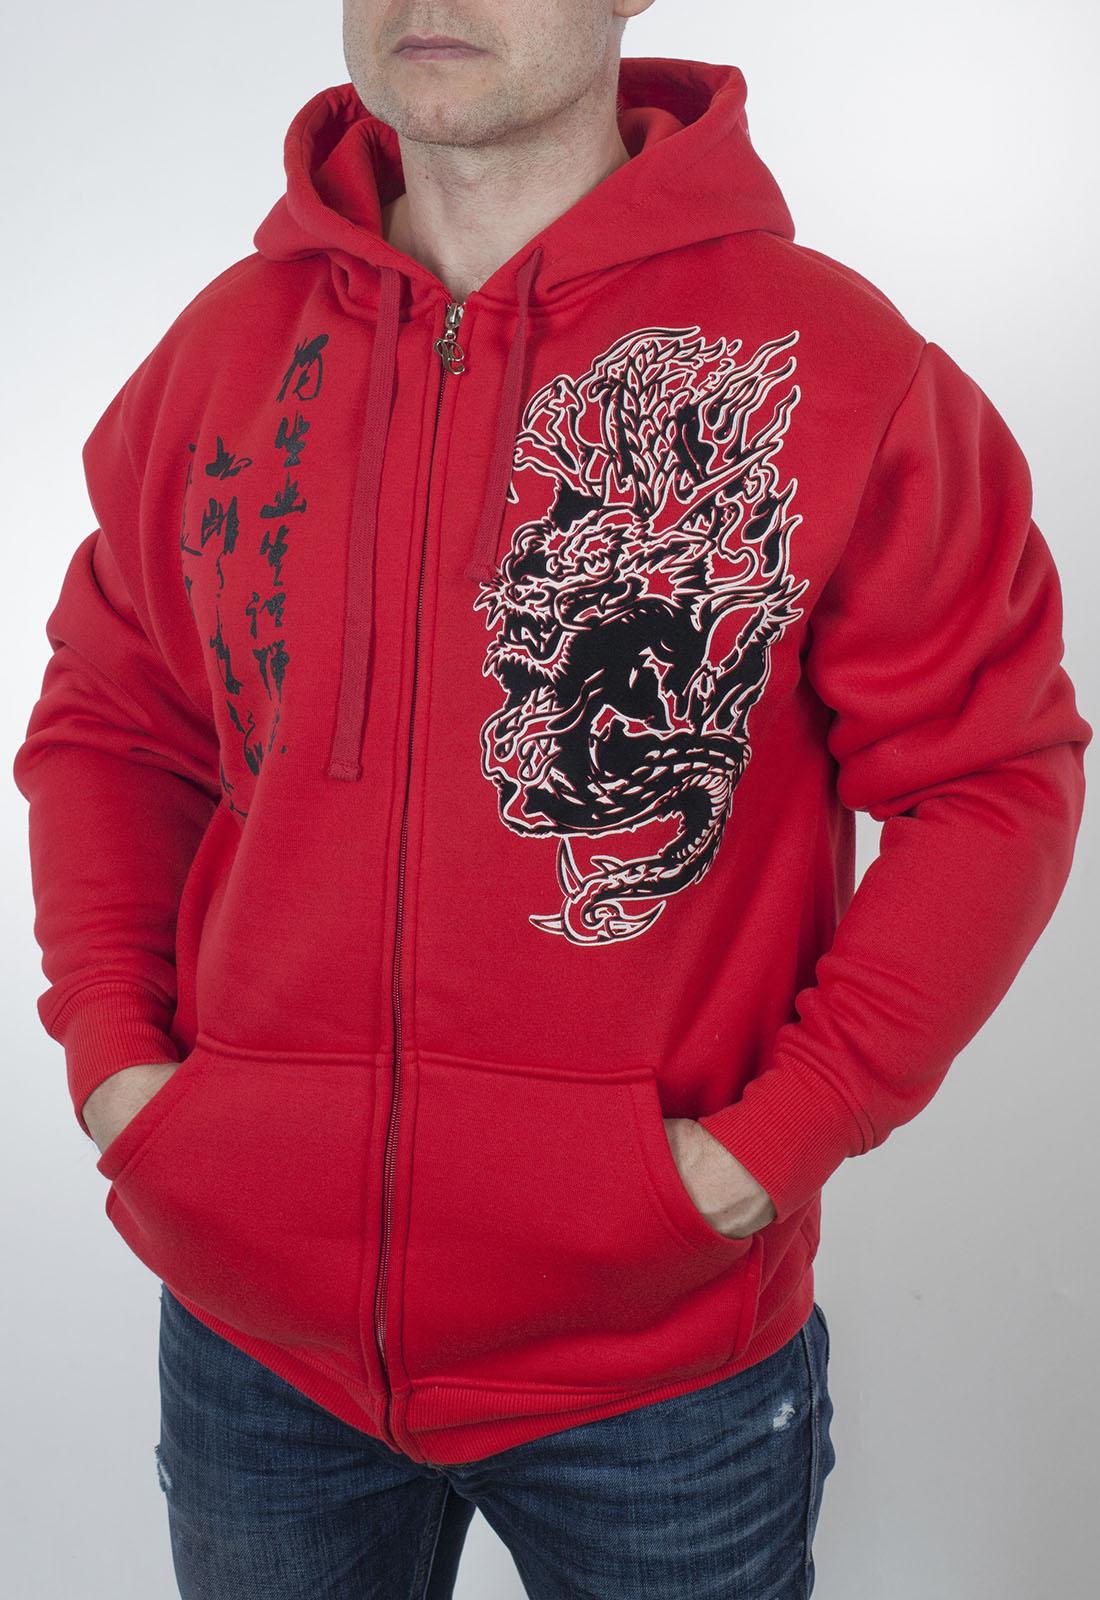 175f27bd Красная молодёжная толстовка Pacific Flyer из плотной теплой ткани.  Недорогая модель с капюшоном, молнией